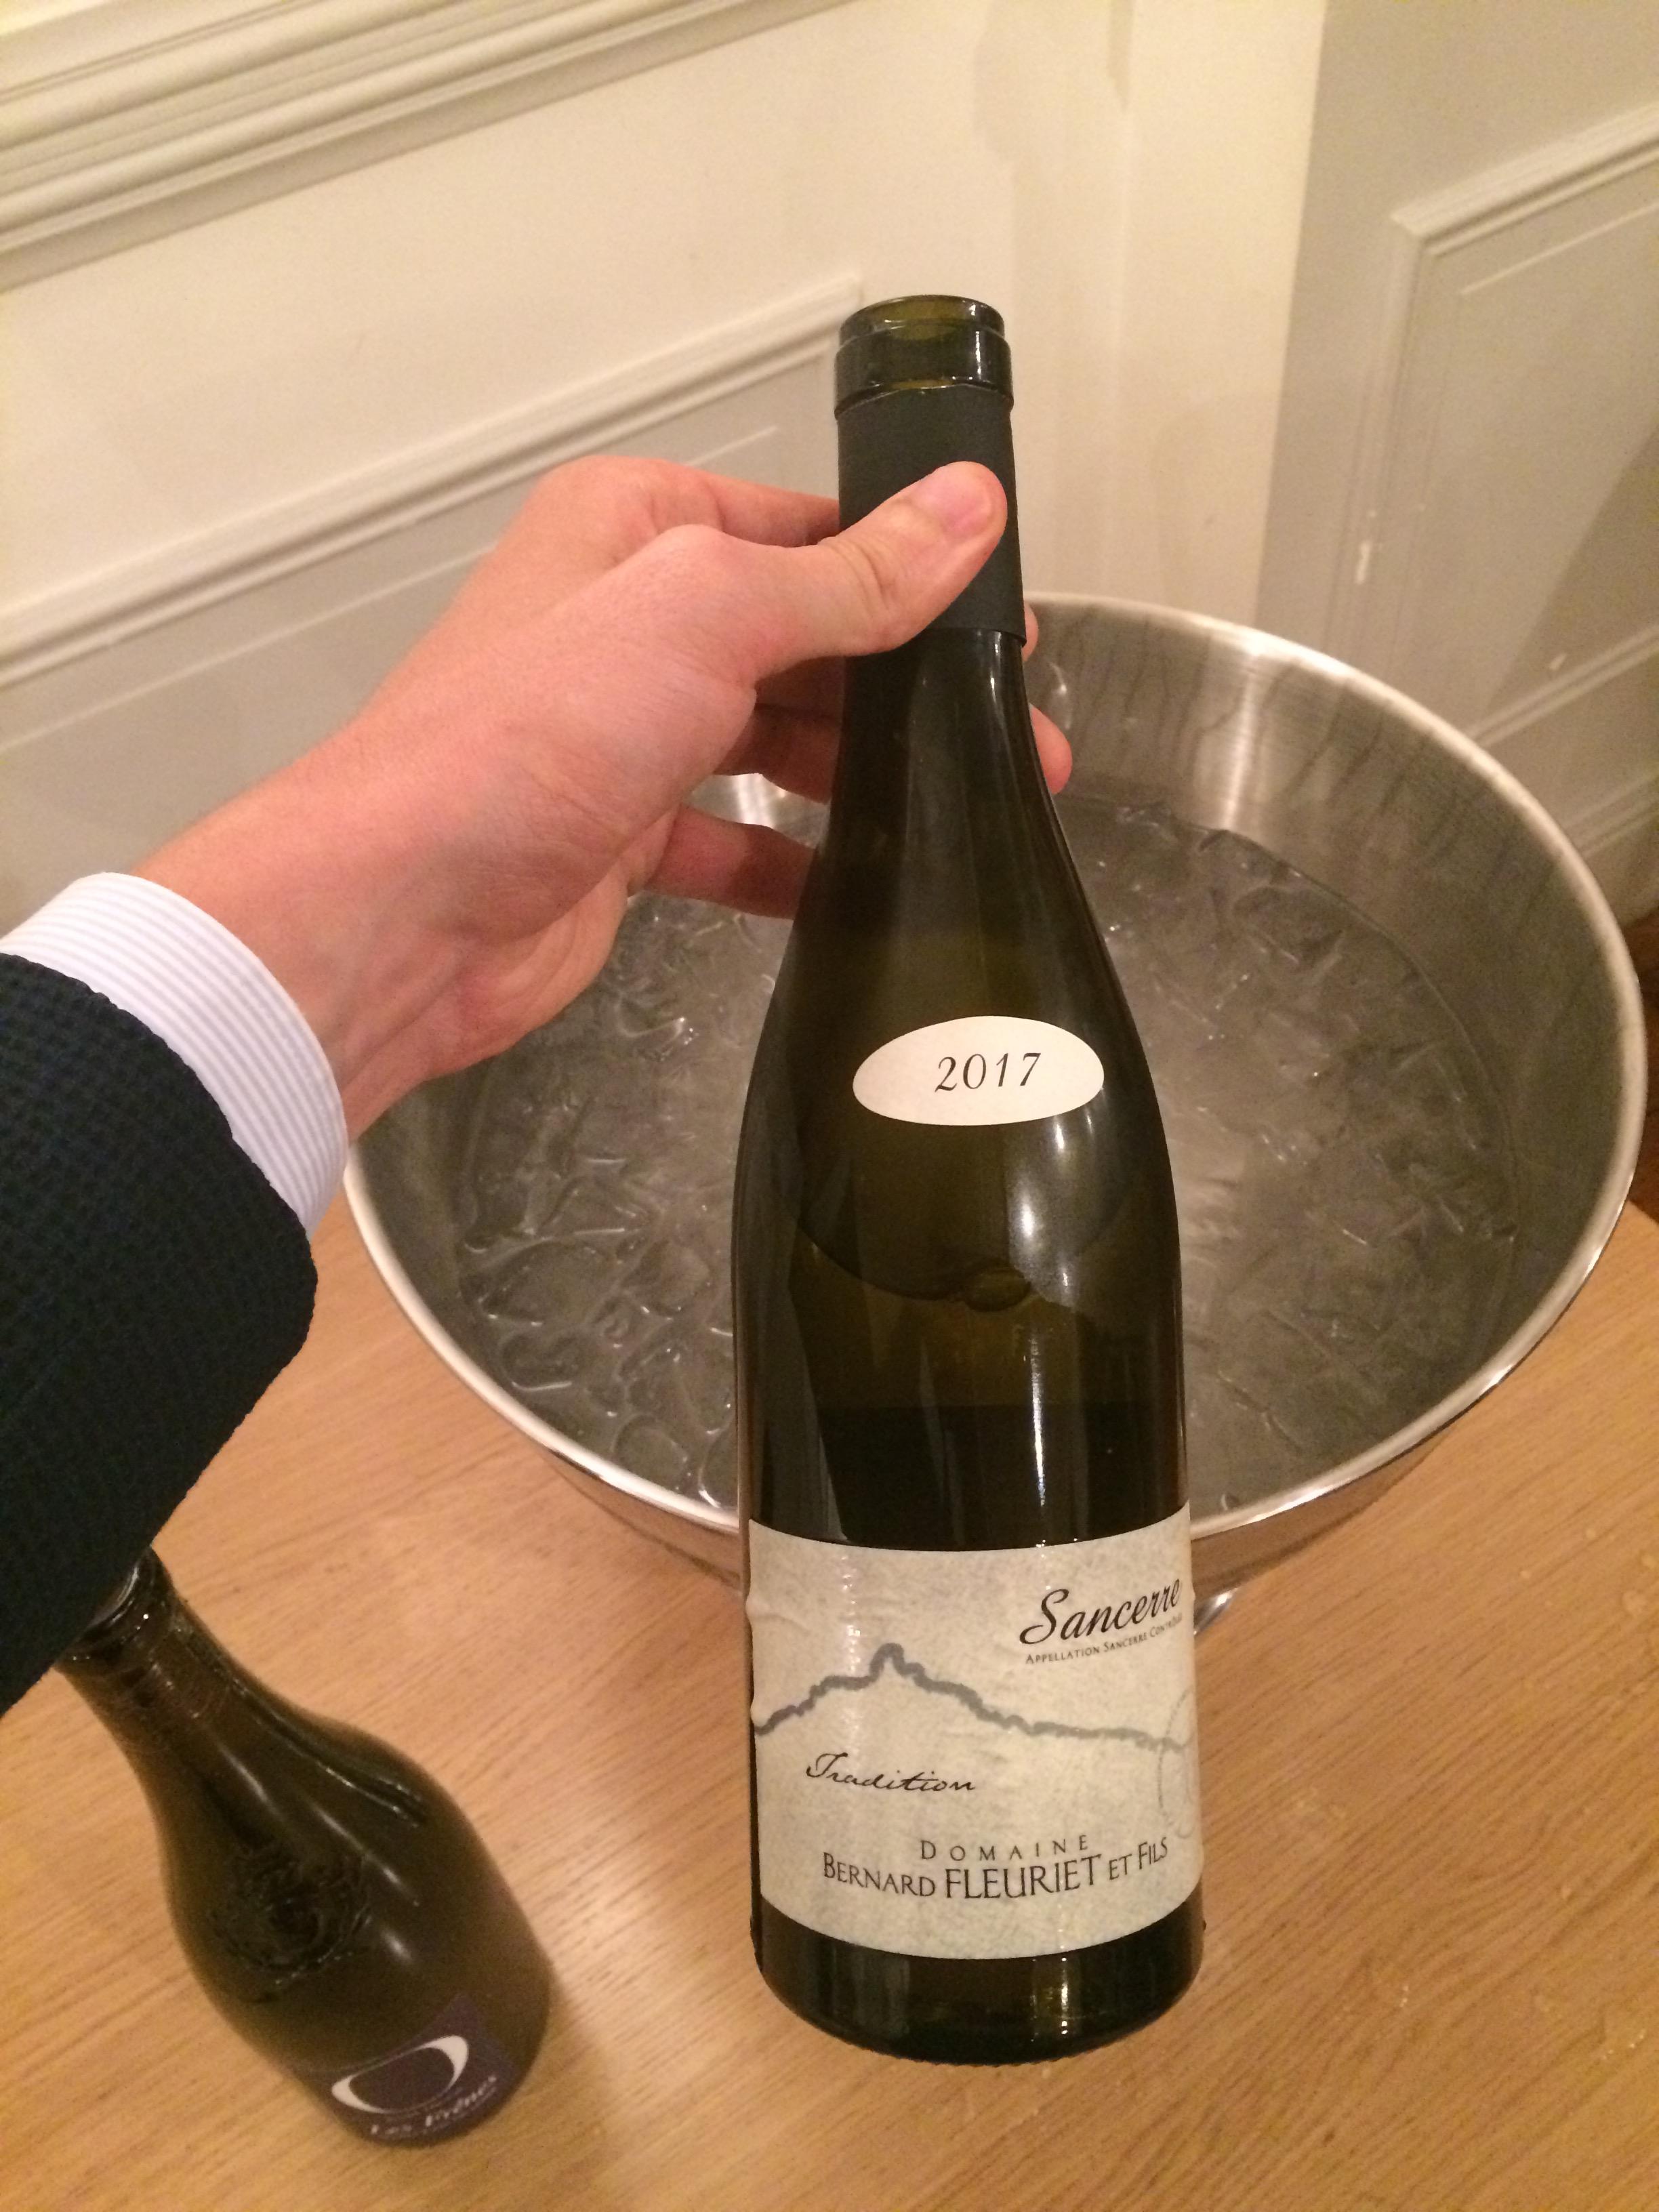 Domaine fleuriet tradition 2017 Sancerre foire aux vins monoprix 2018